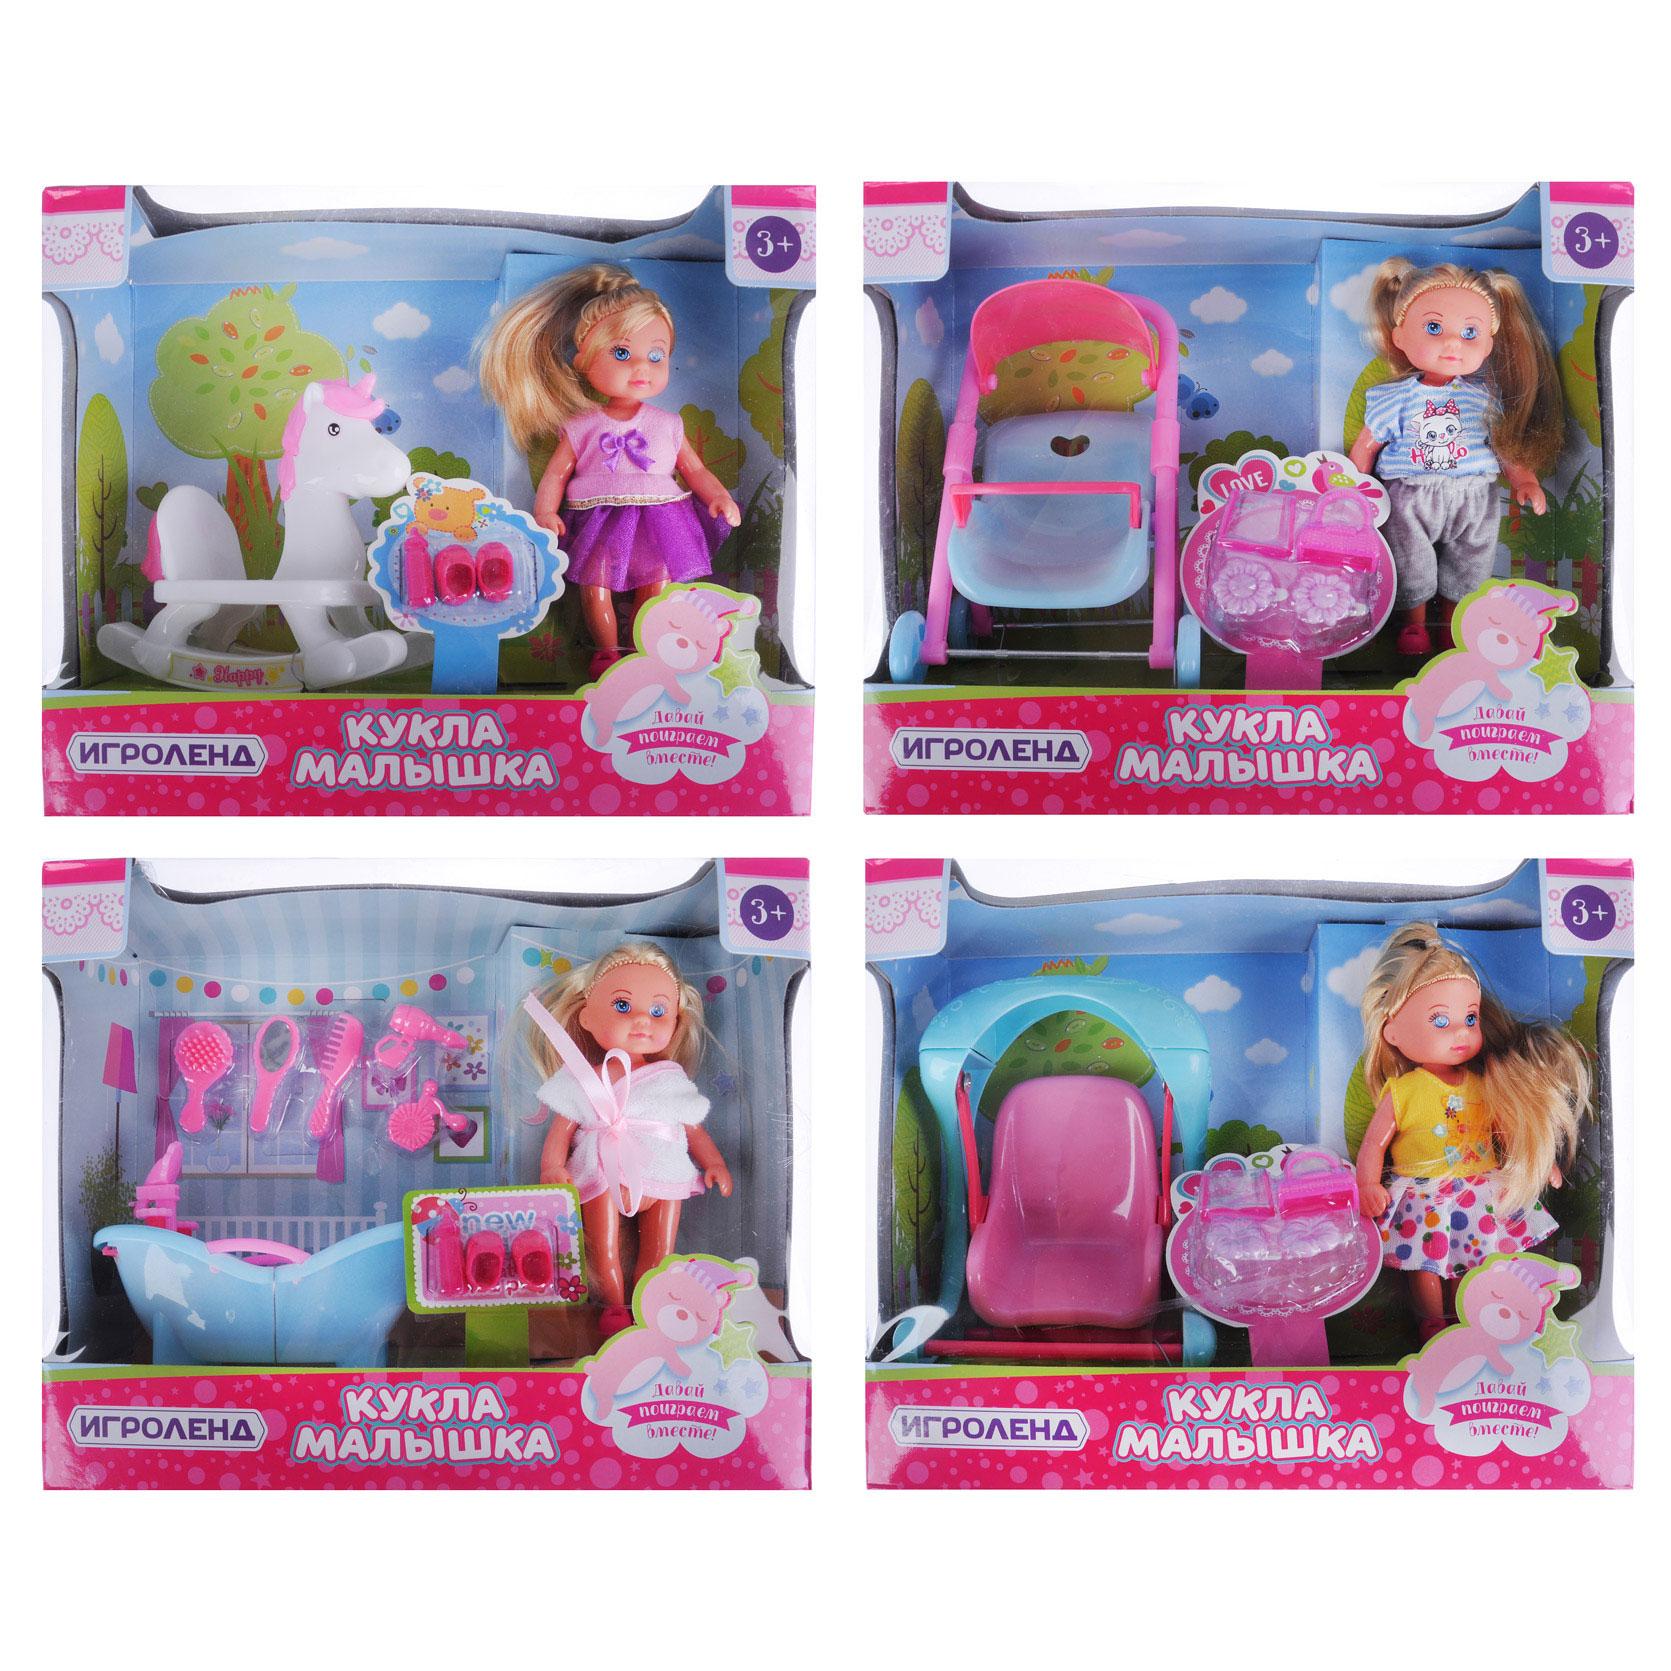 ИГРОЛЕНД Кукла маленькая с аксессуарами, пластик, полиэстер 25х19,5х10см, 4 дизайна